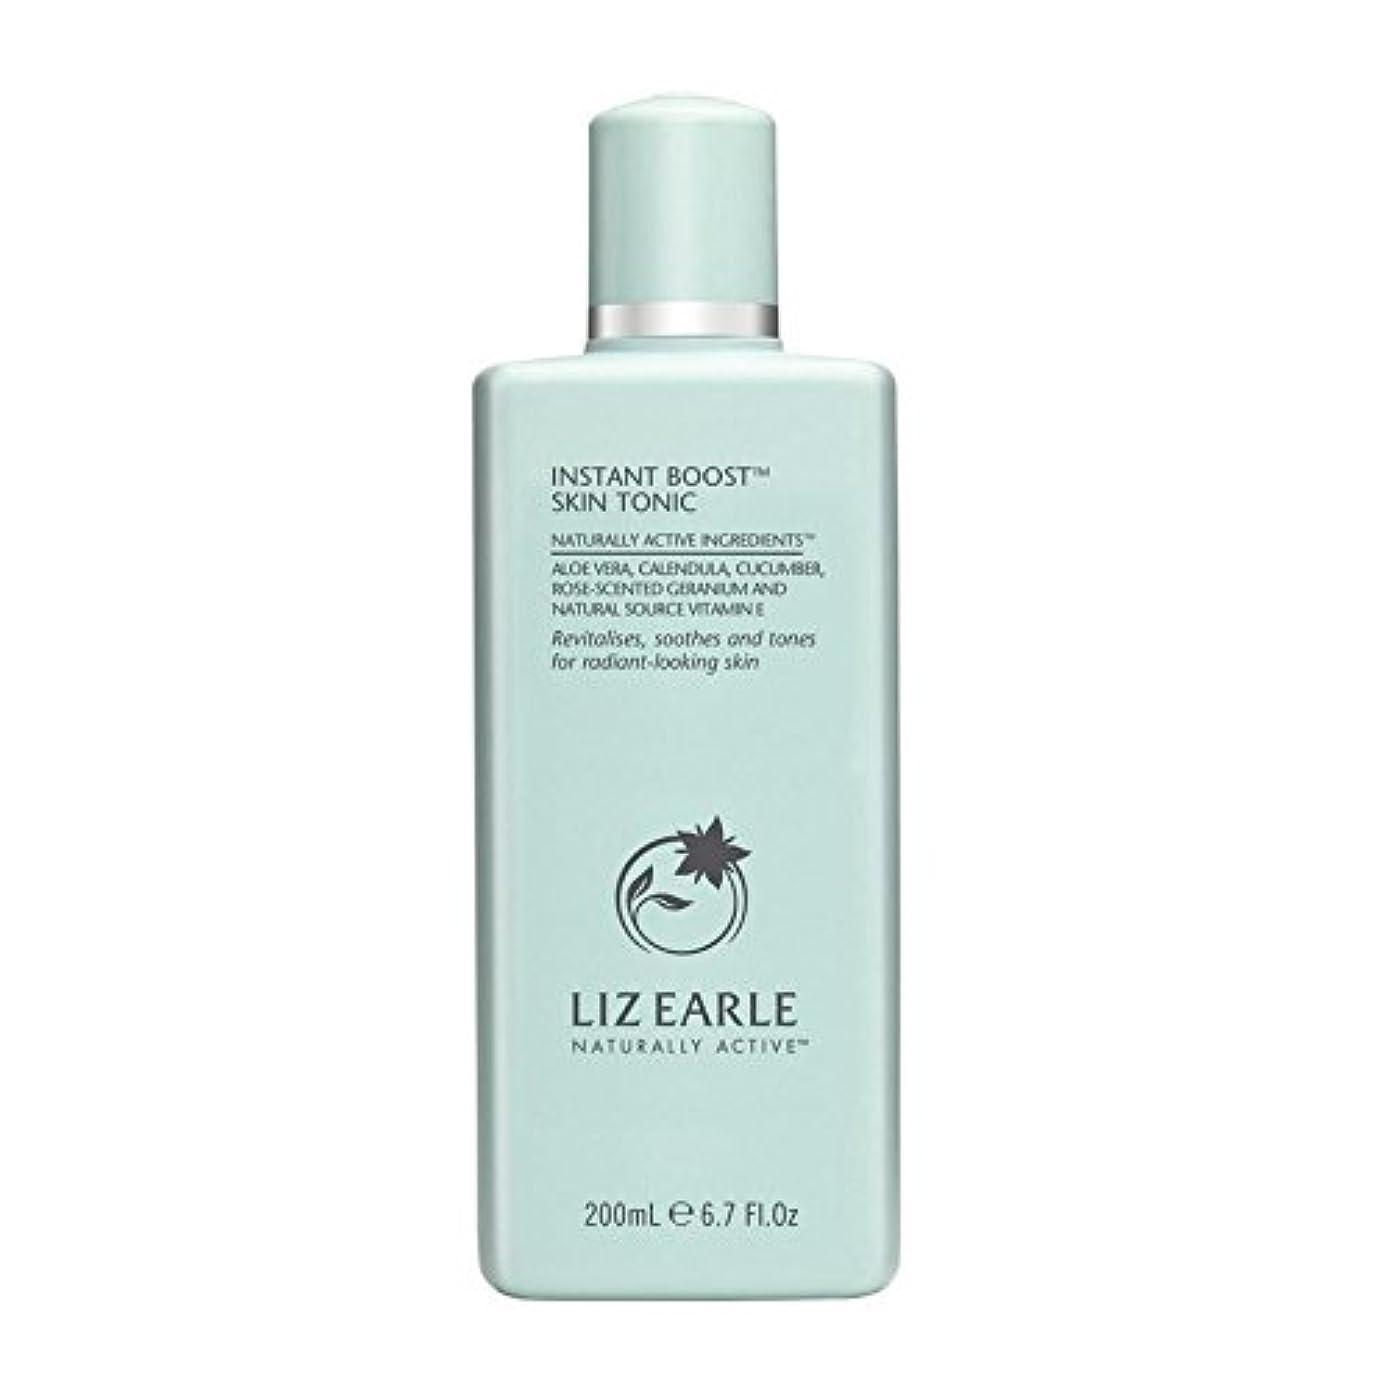 ラバページェント進行中リズアールインスタントブーストスキントニックボトル200ミリリットル x4 - Liz Earle Instant Boost Skin Tonic Bottle 200ml (Pack of 4) [並行輸入品]